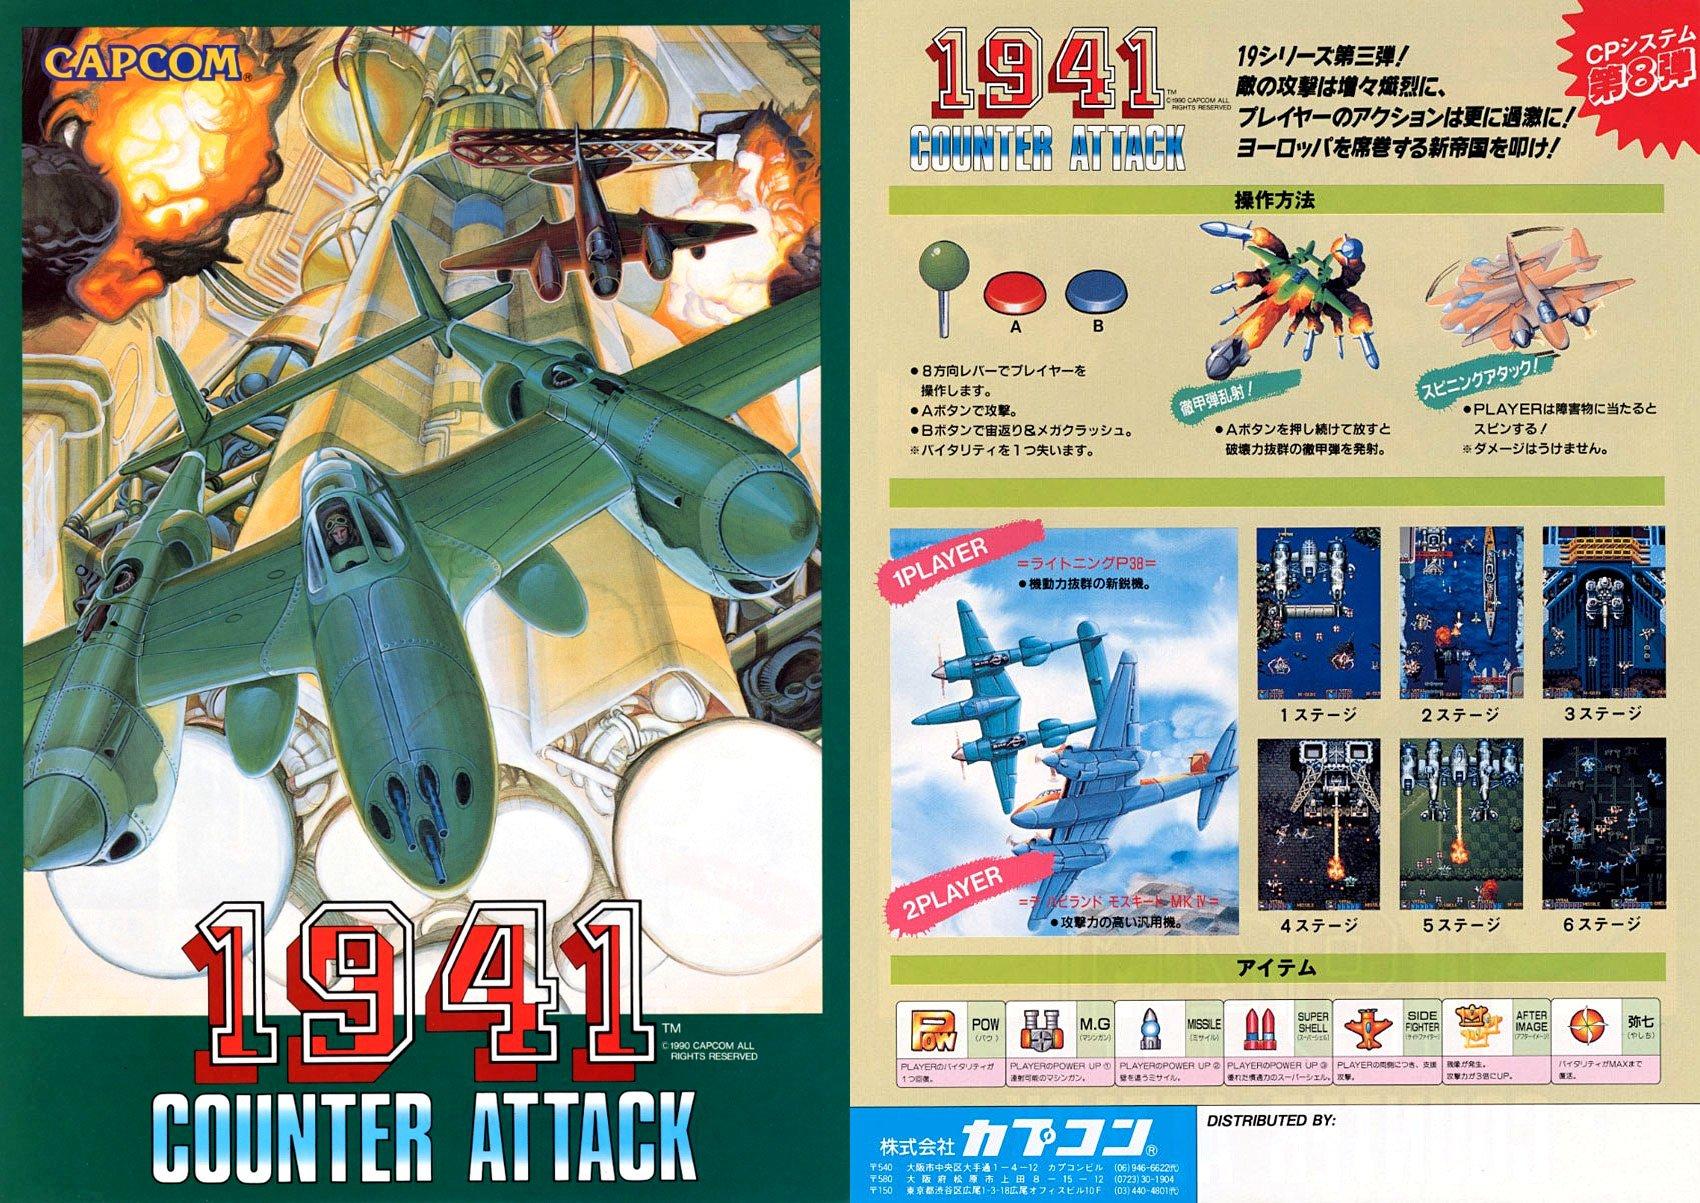 1941 Counter Attack (1990)